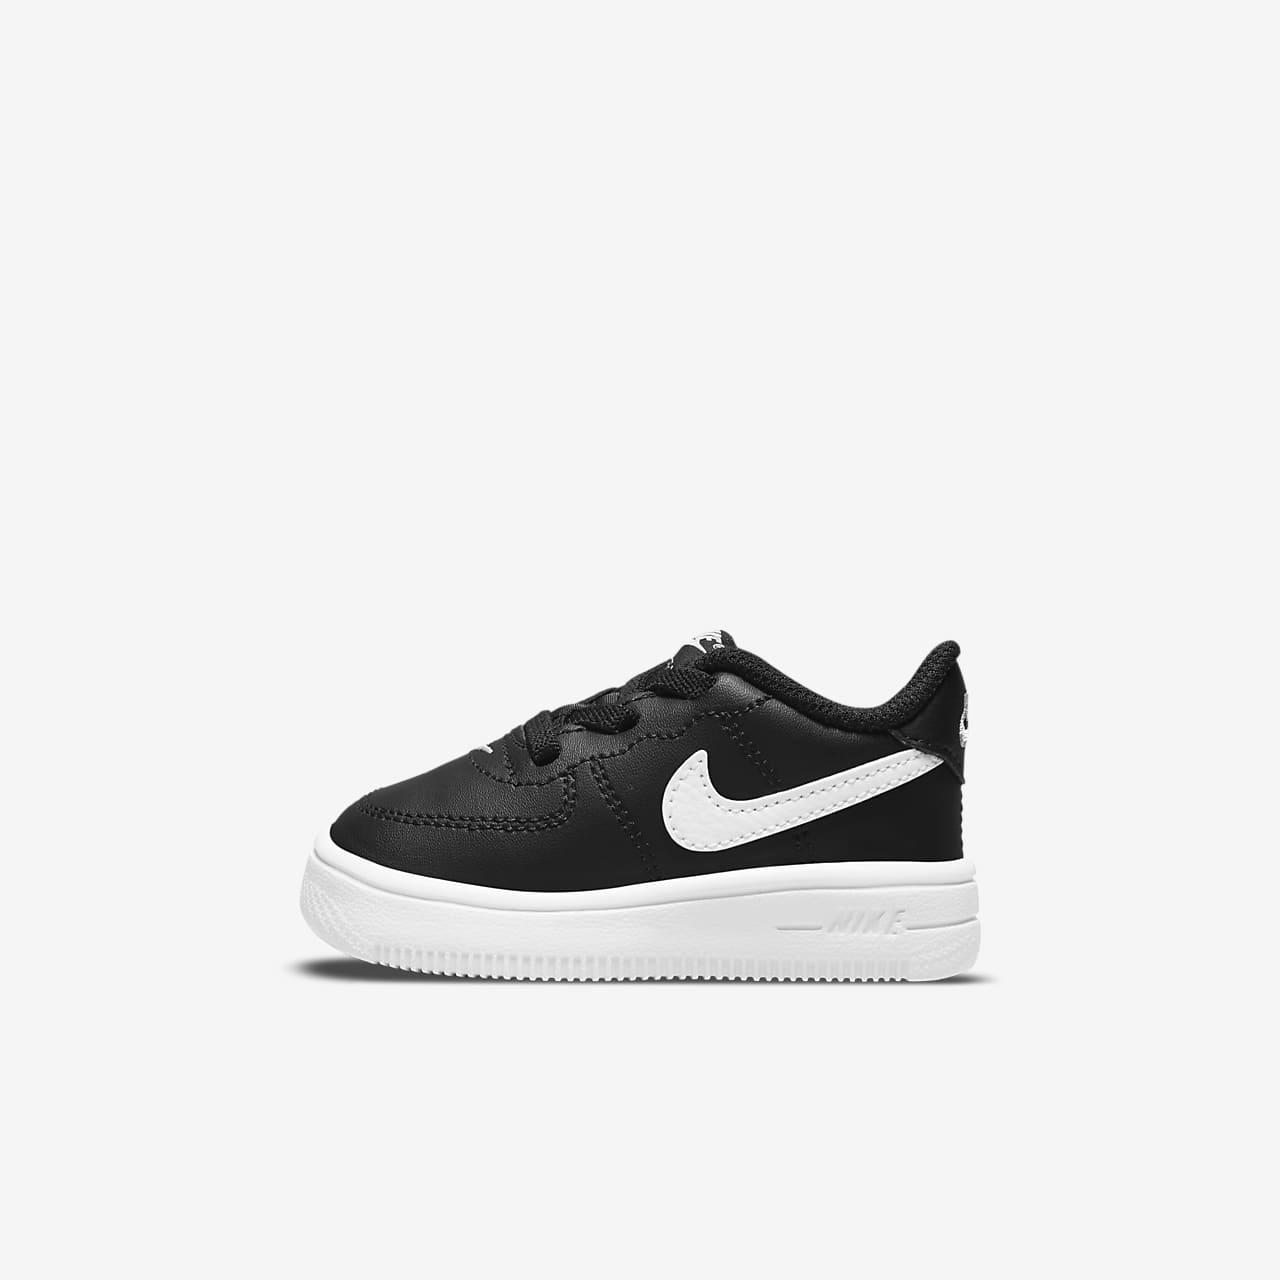 Toison aime les Jeux olympiques, la phrase d'or envoie Chaussure un cadeau Chaussure envoie Nike Force 1 '18 pour B 669029